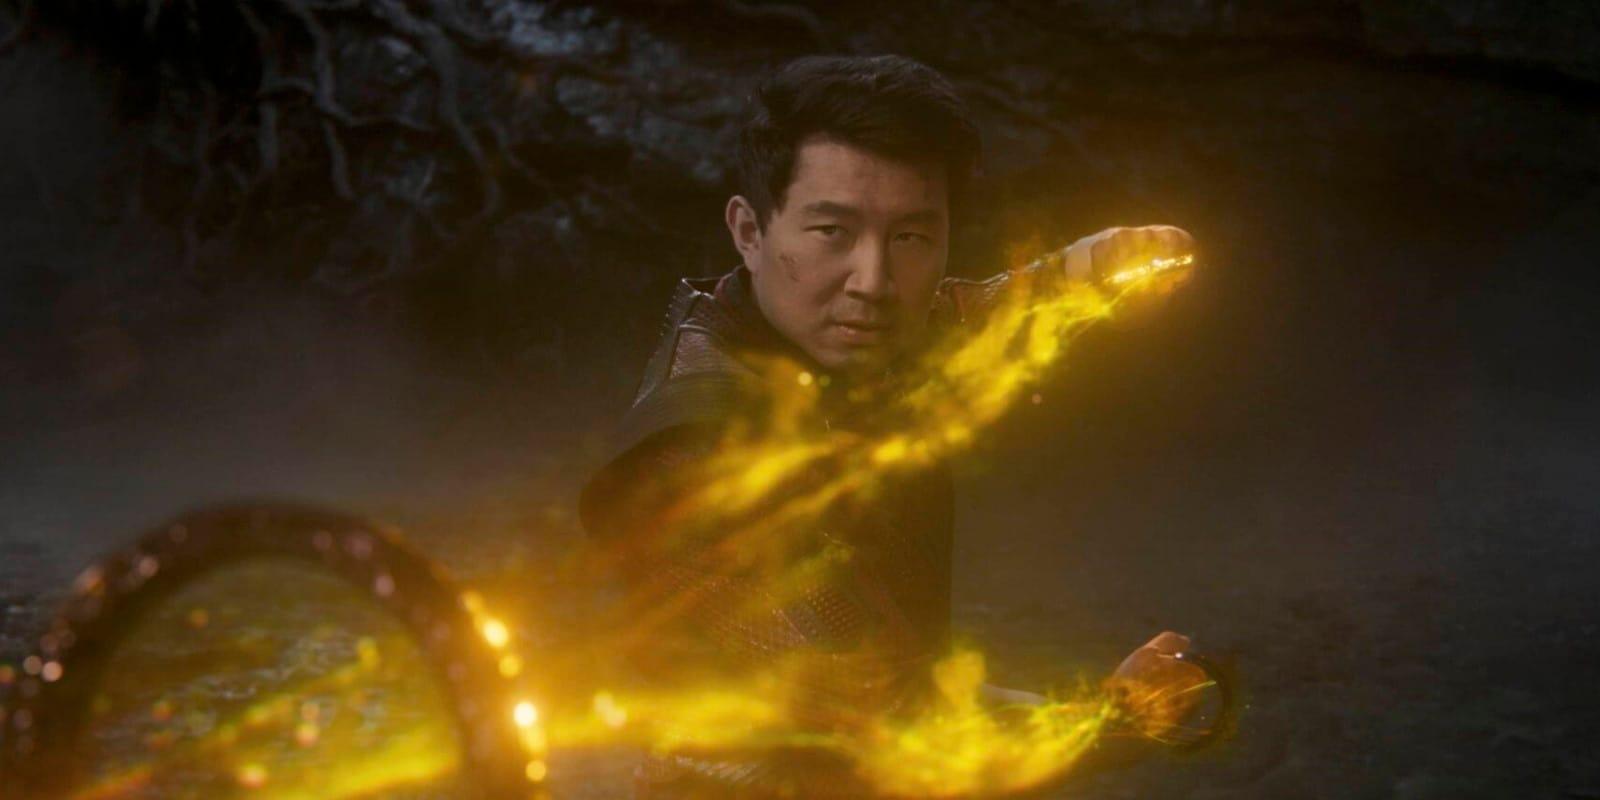 shang chi hotstar november 12 1632288217584